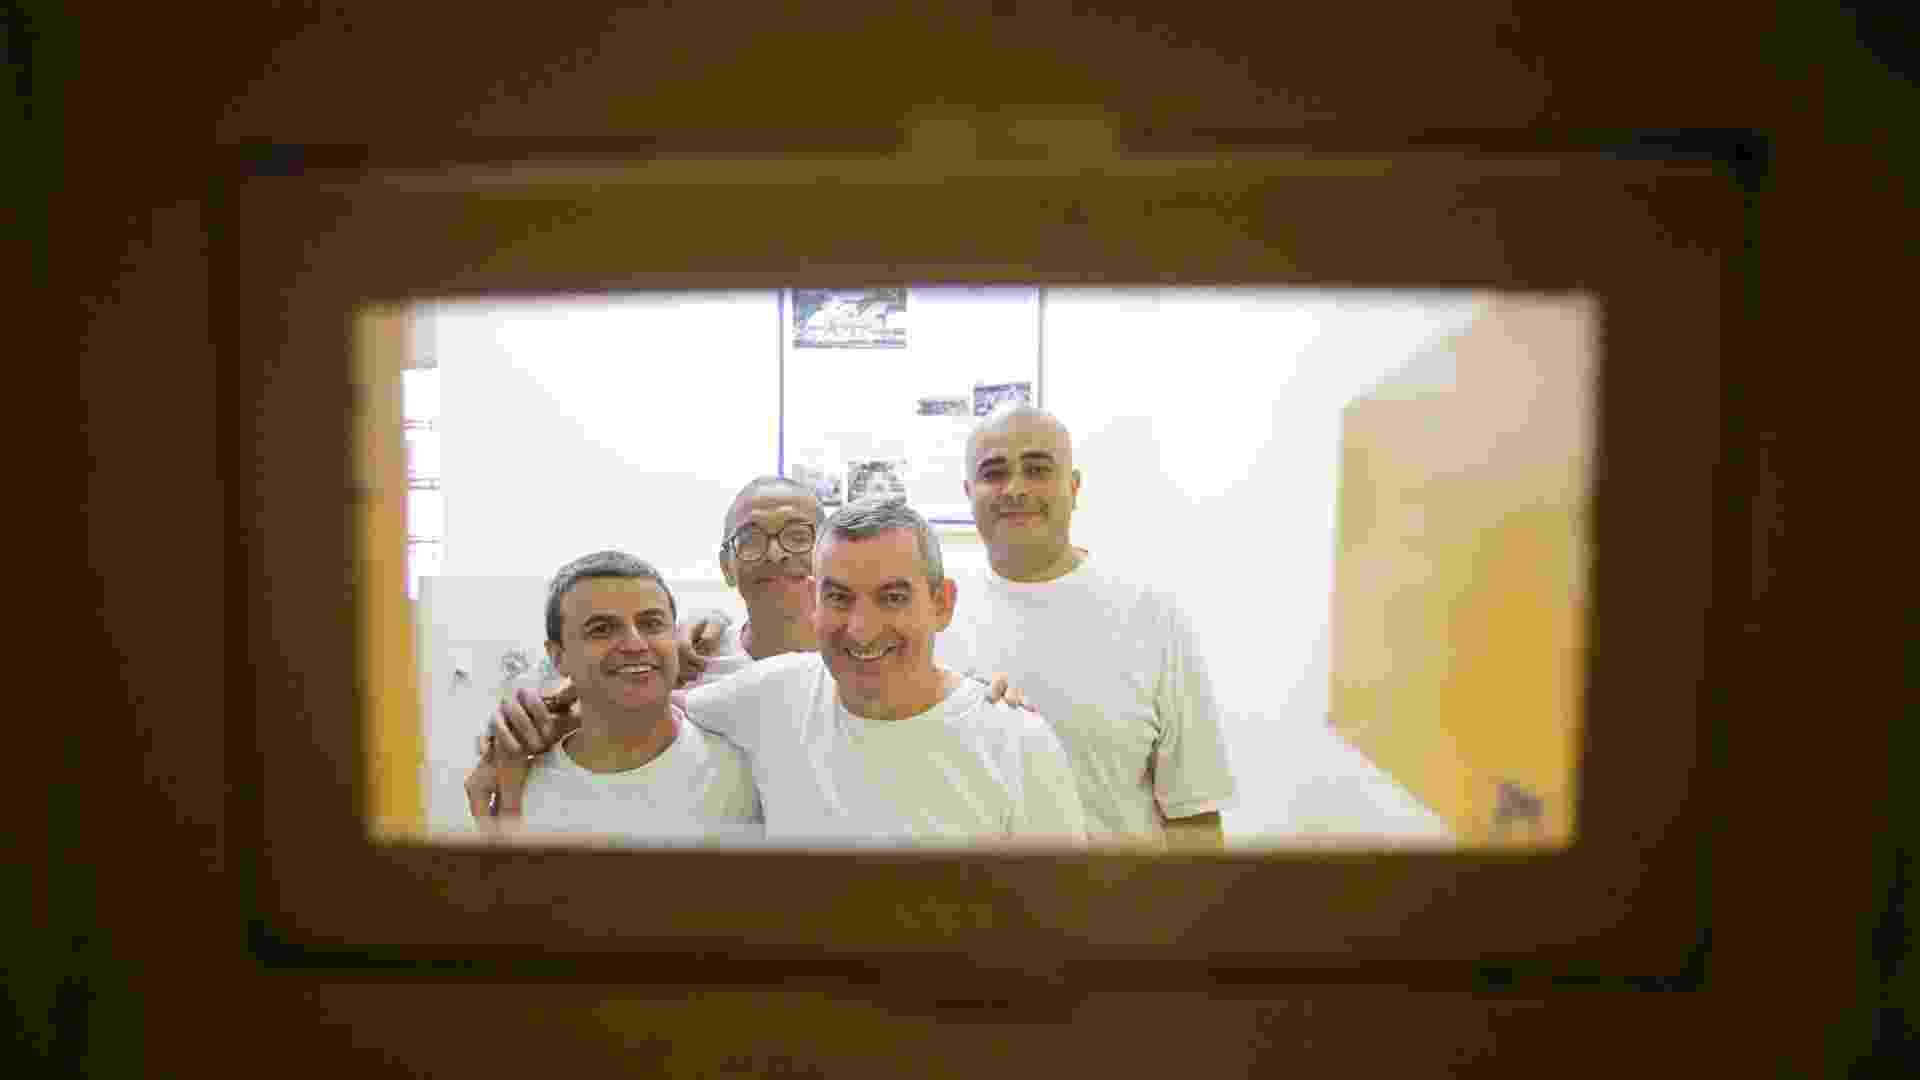 Da esquerda para a direita: Antonio Marcos de Freitas, 39, Venilton Leonardo Vinci , 52, Benedito Paulo Reis, 52, e Matheus Henrique Daniel, 30. - Fernando Donasci/UOL